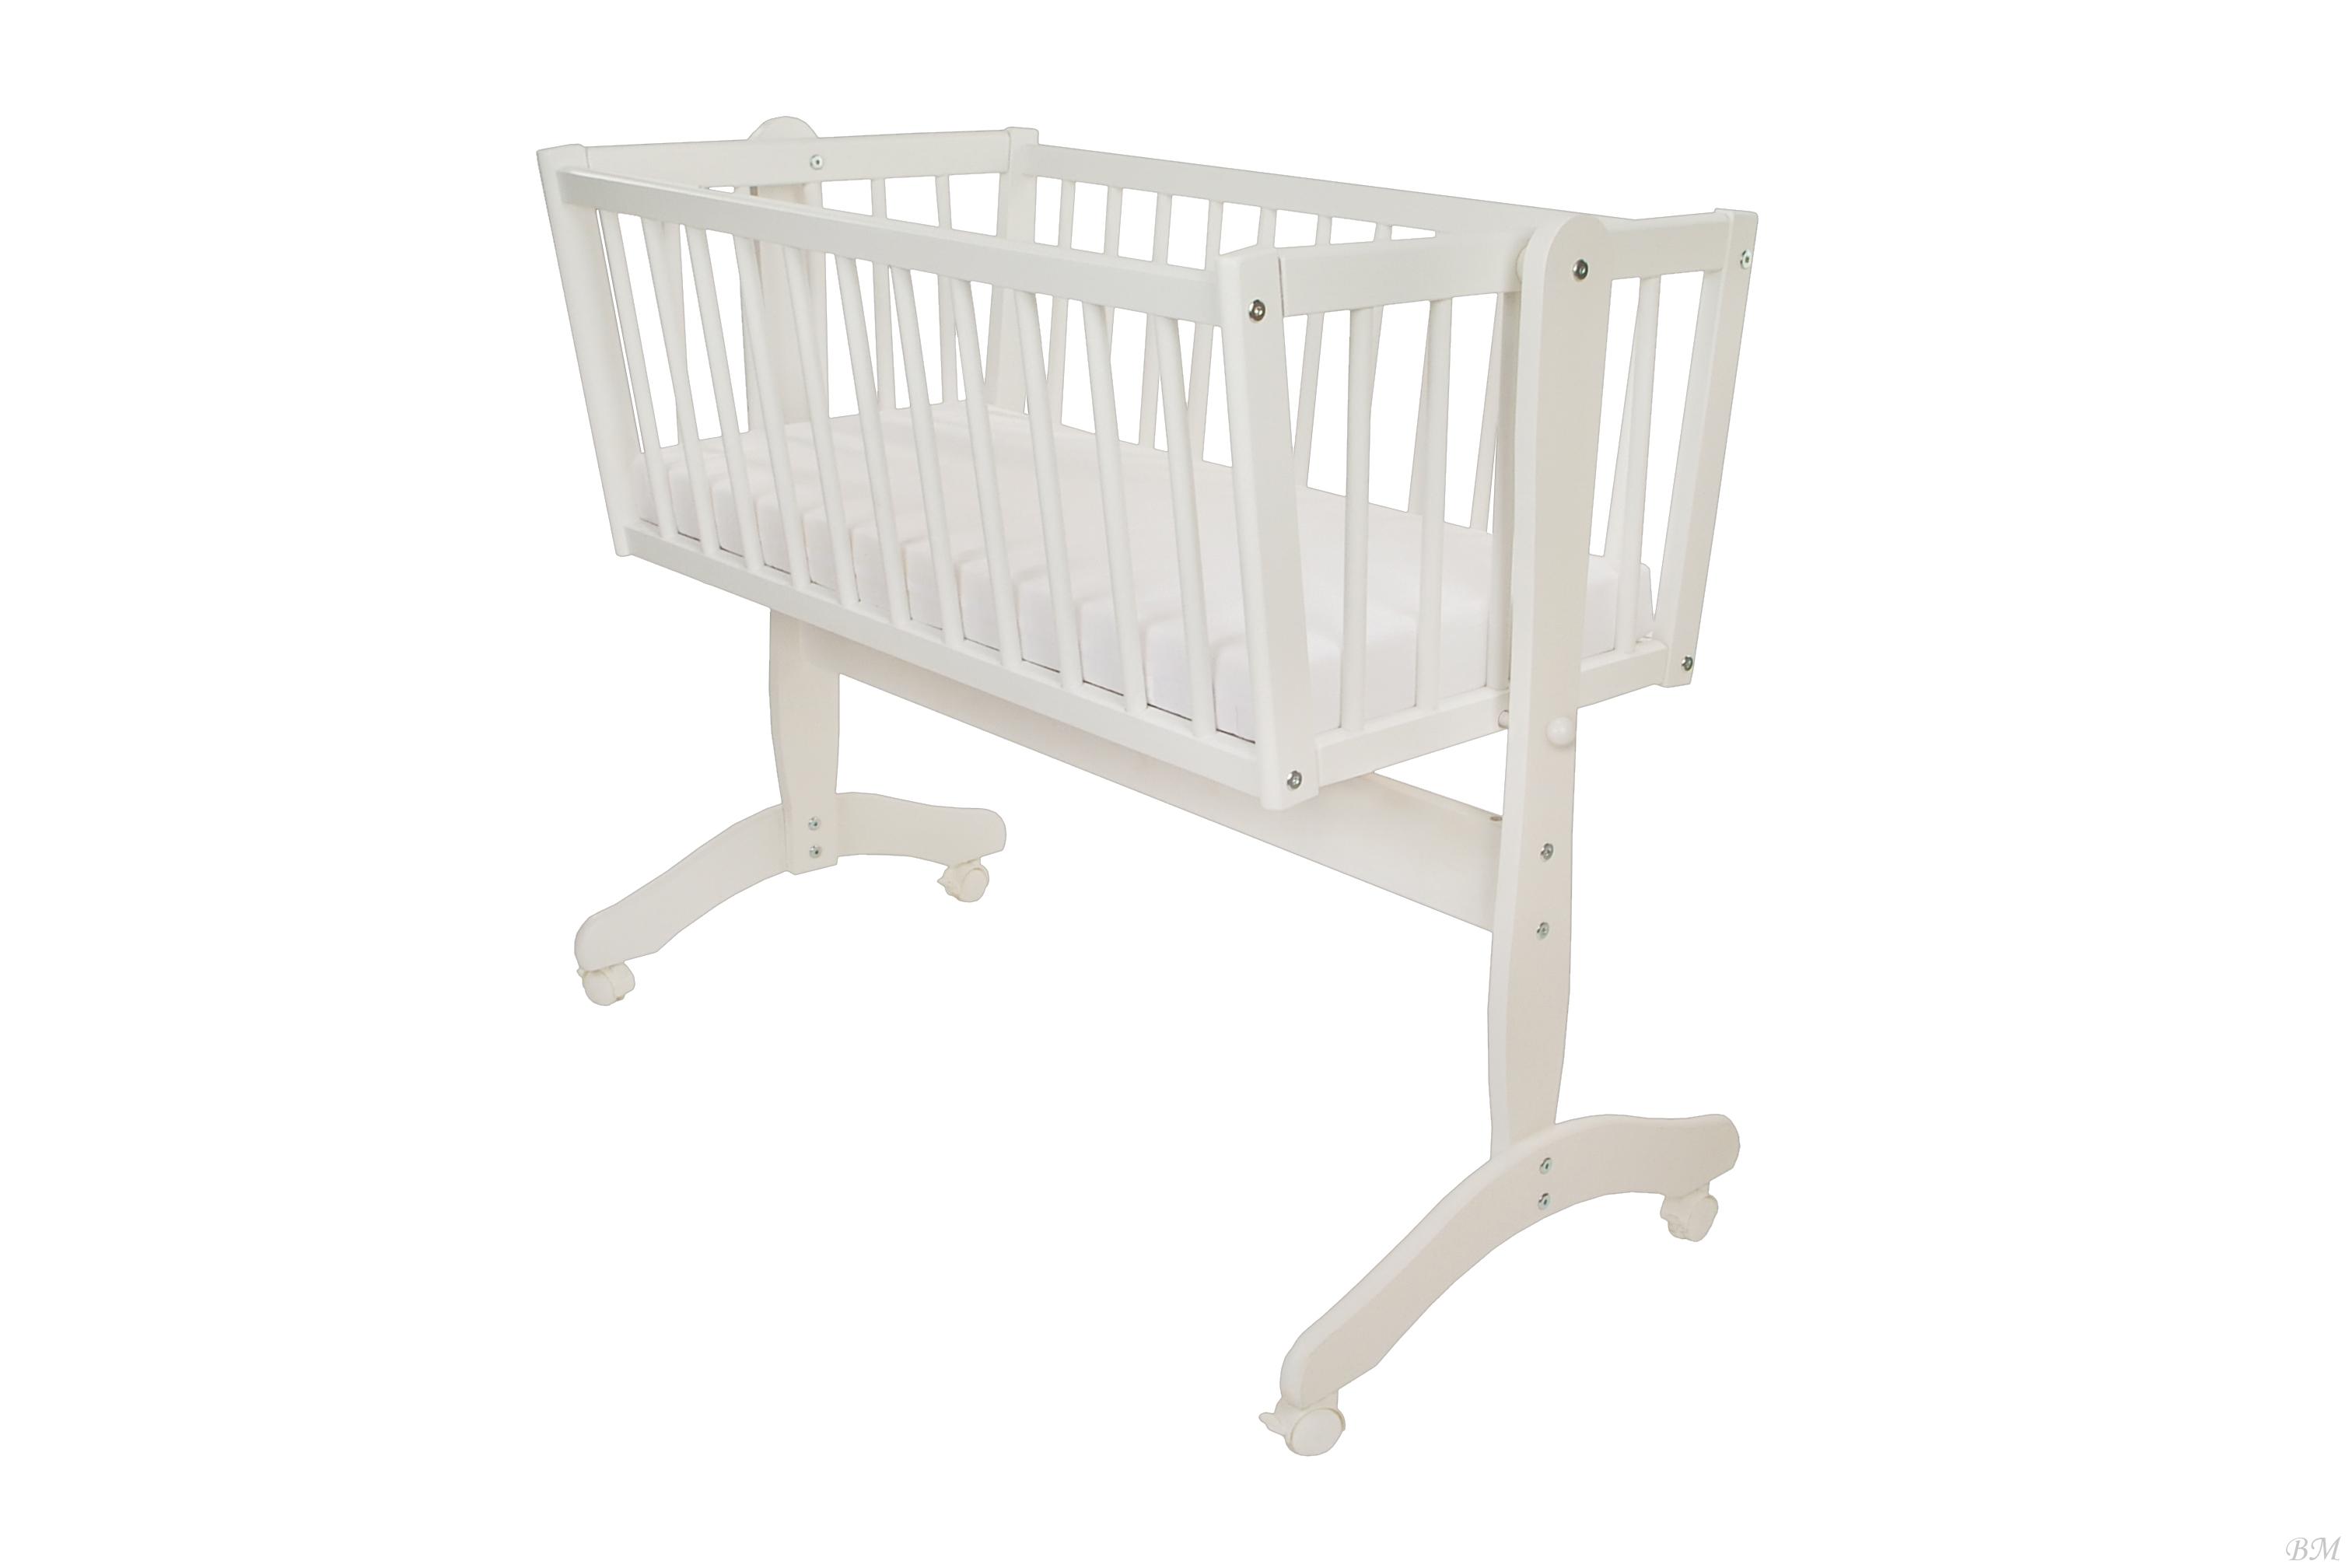 Купить Мебель - Польша - Кроватки для новорожденных - Maja - колыбель - Bellamy - Maja спальня